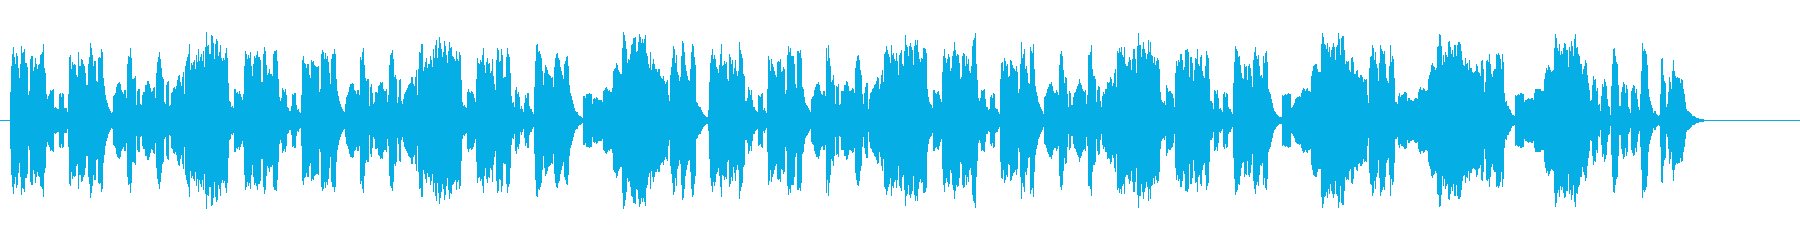 格調高い室内楽風クラシックの再生済みの波形